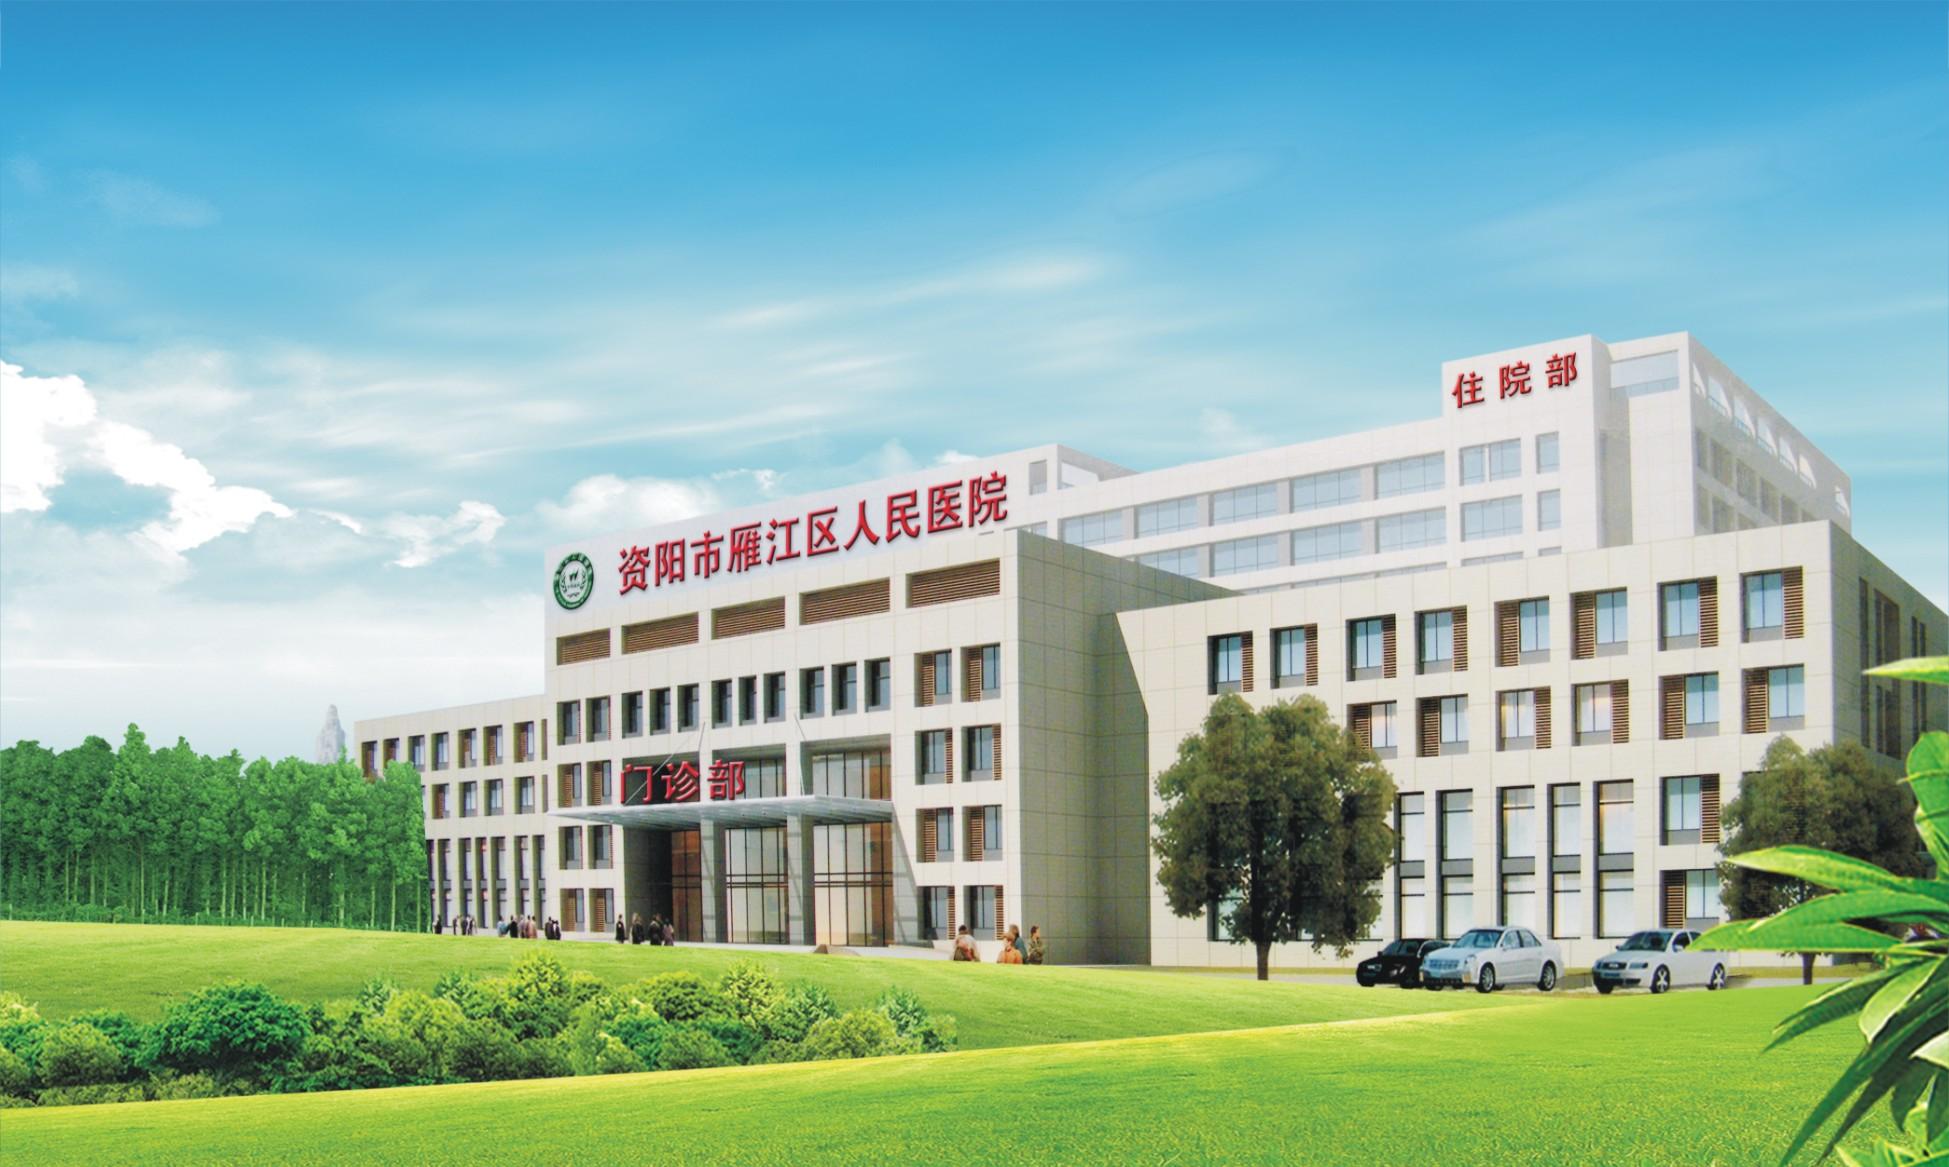 沱東新區門診大樓全景